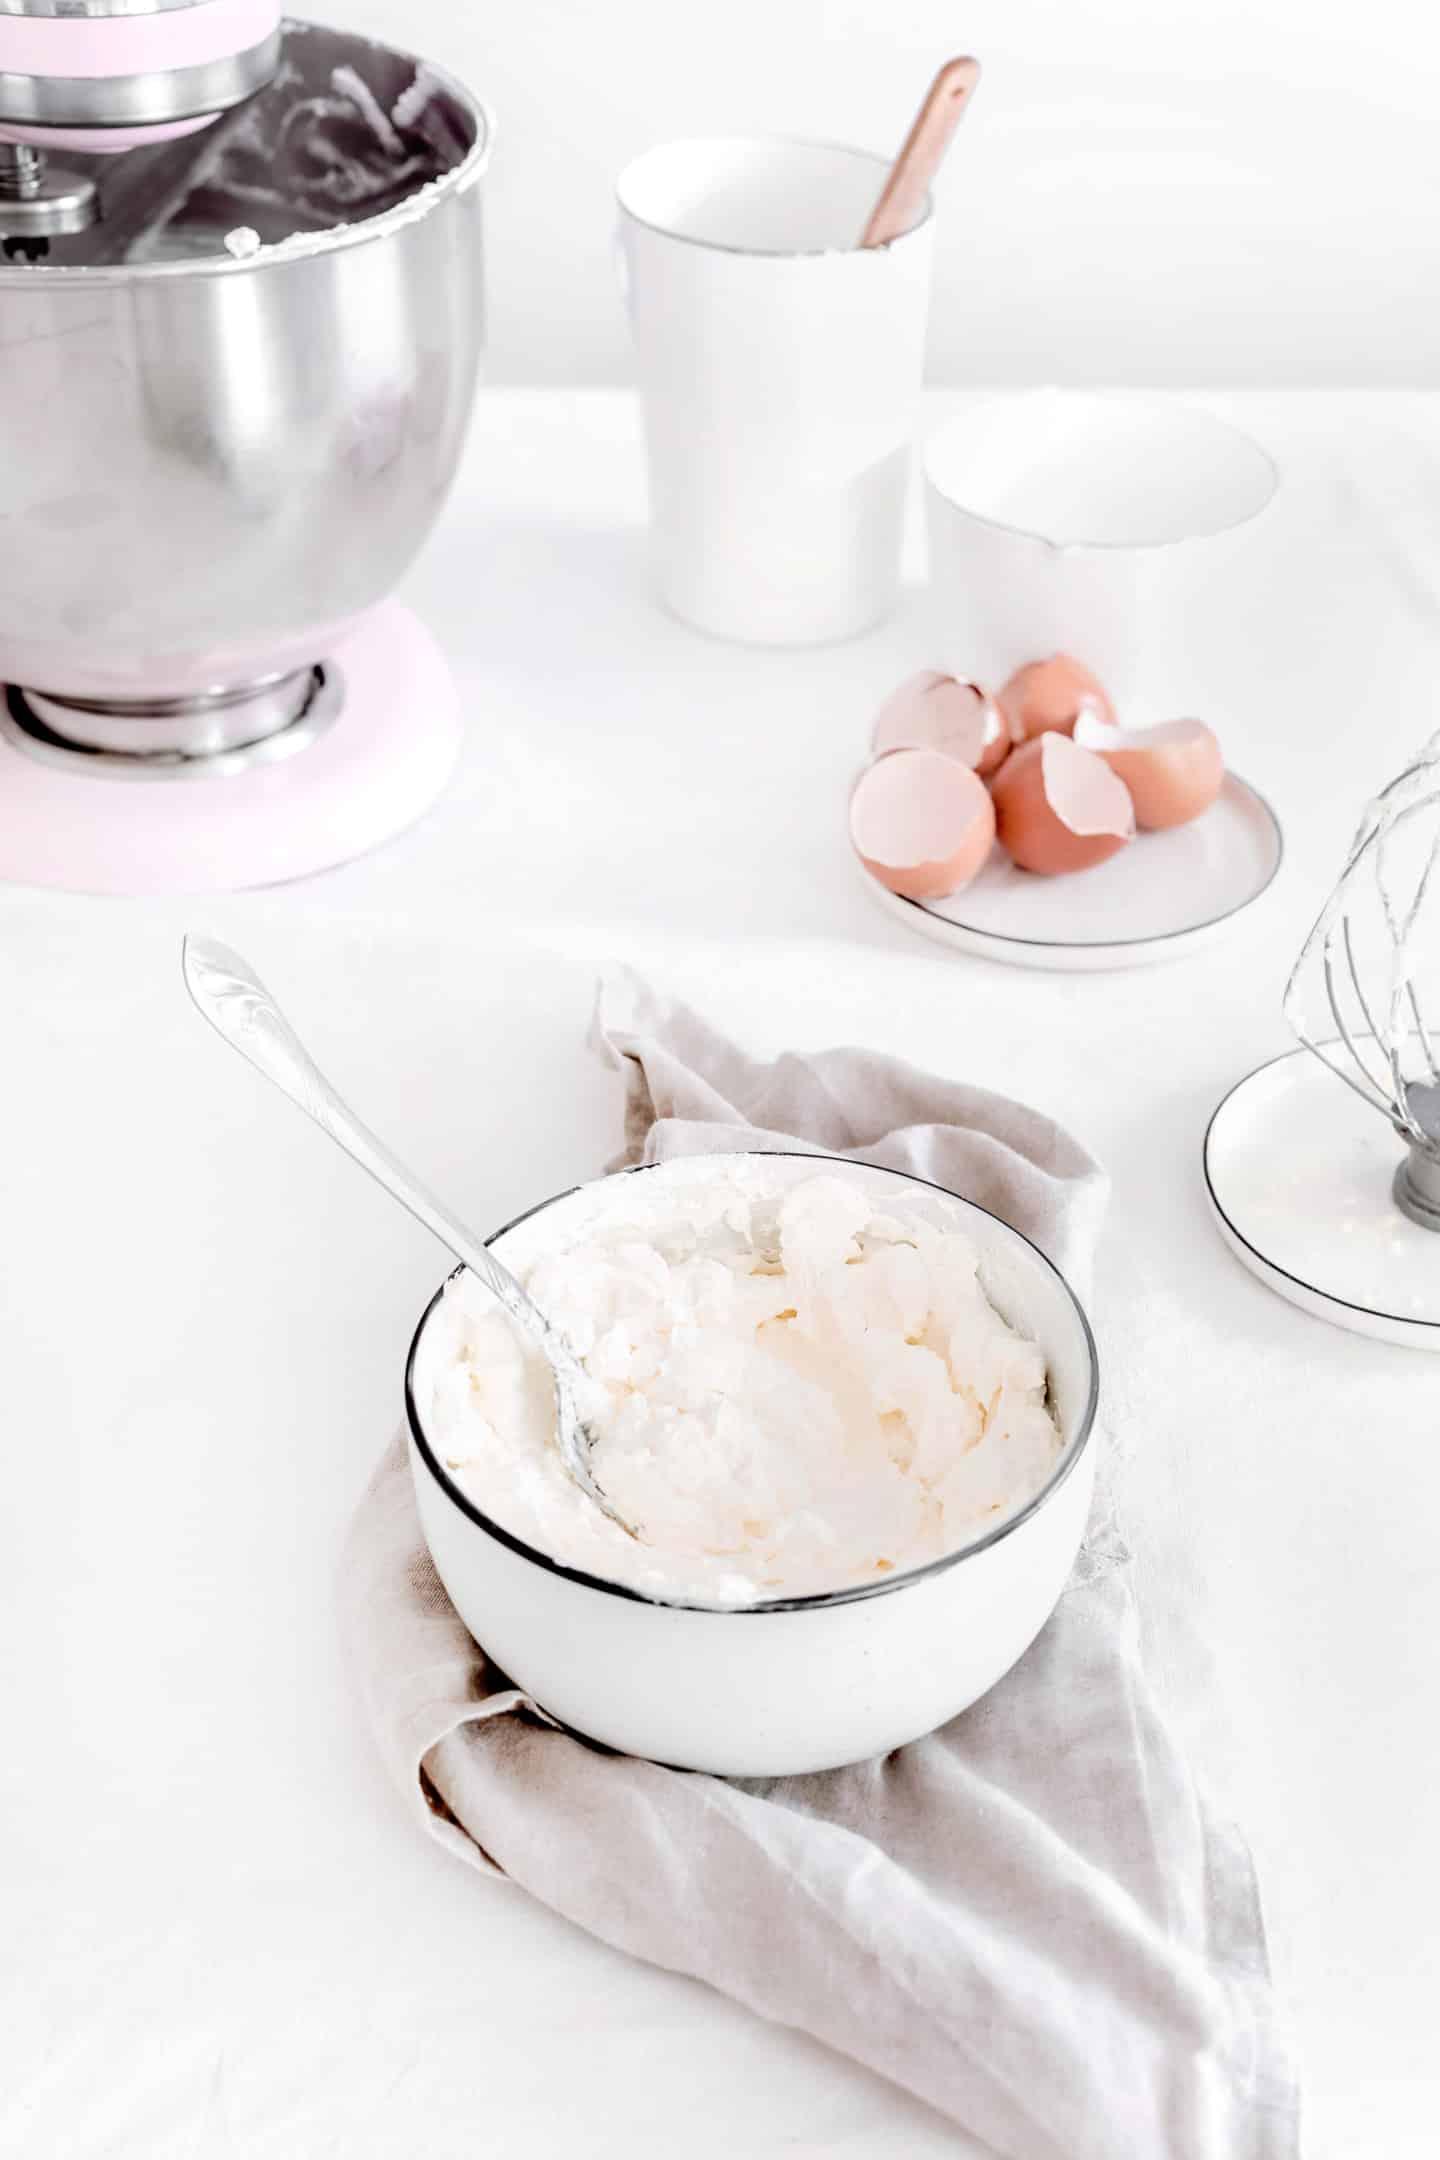 Recette facile de la crème au beurre Suisse